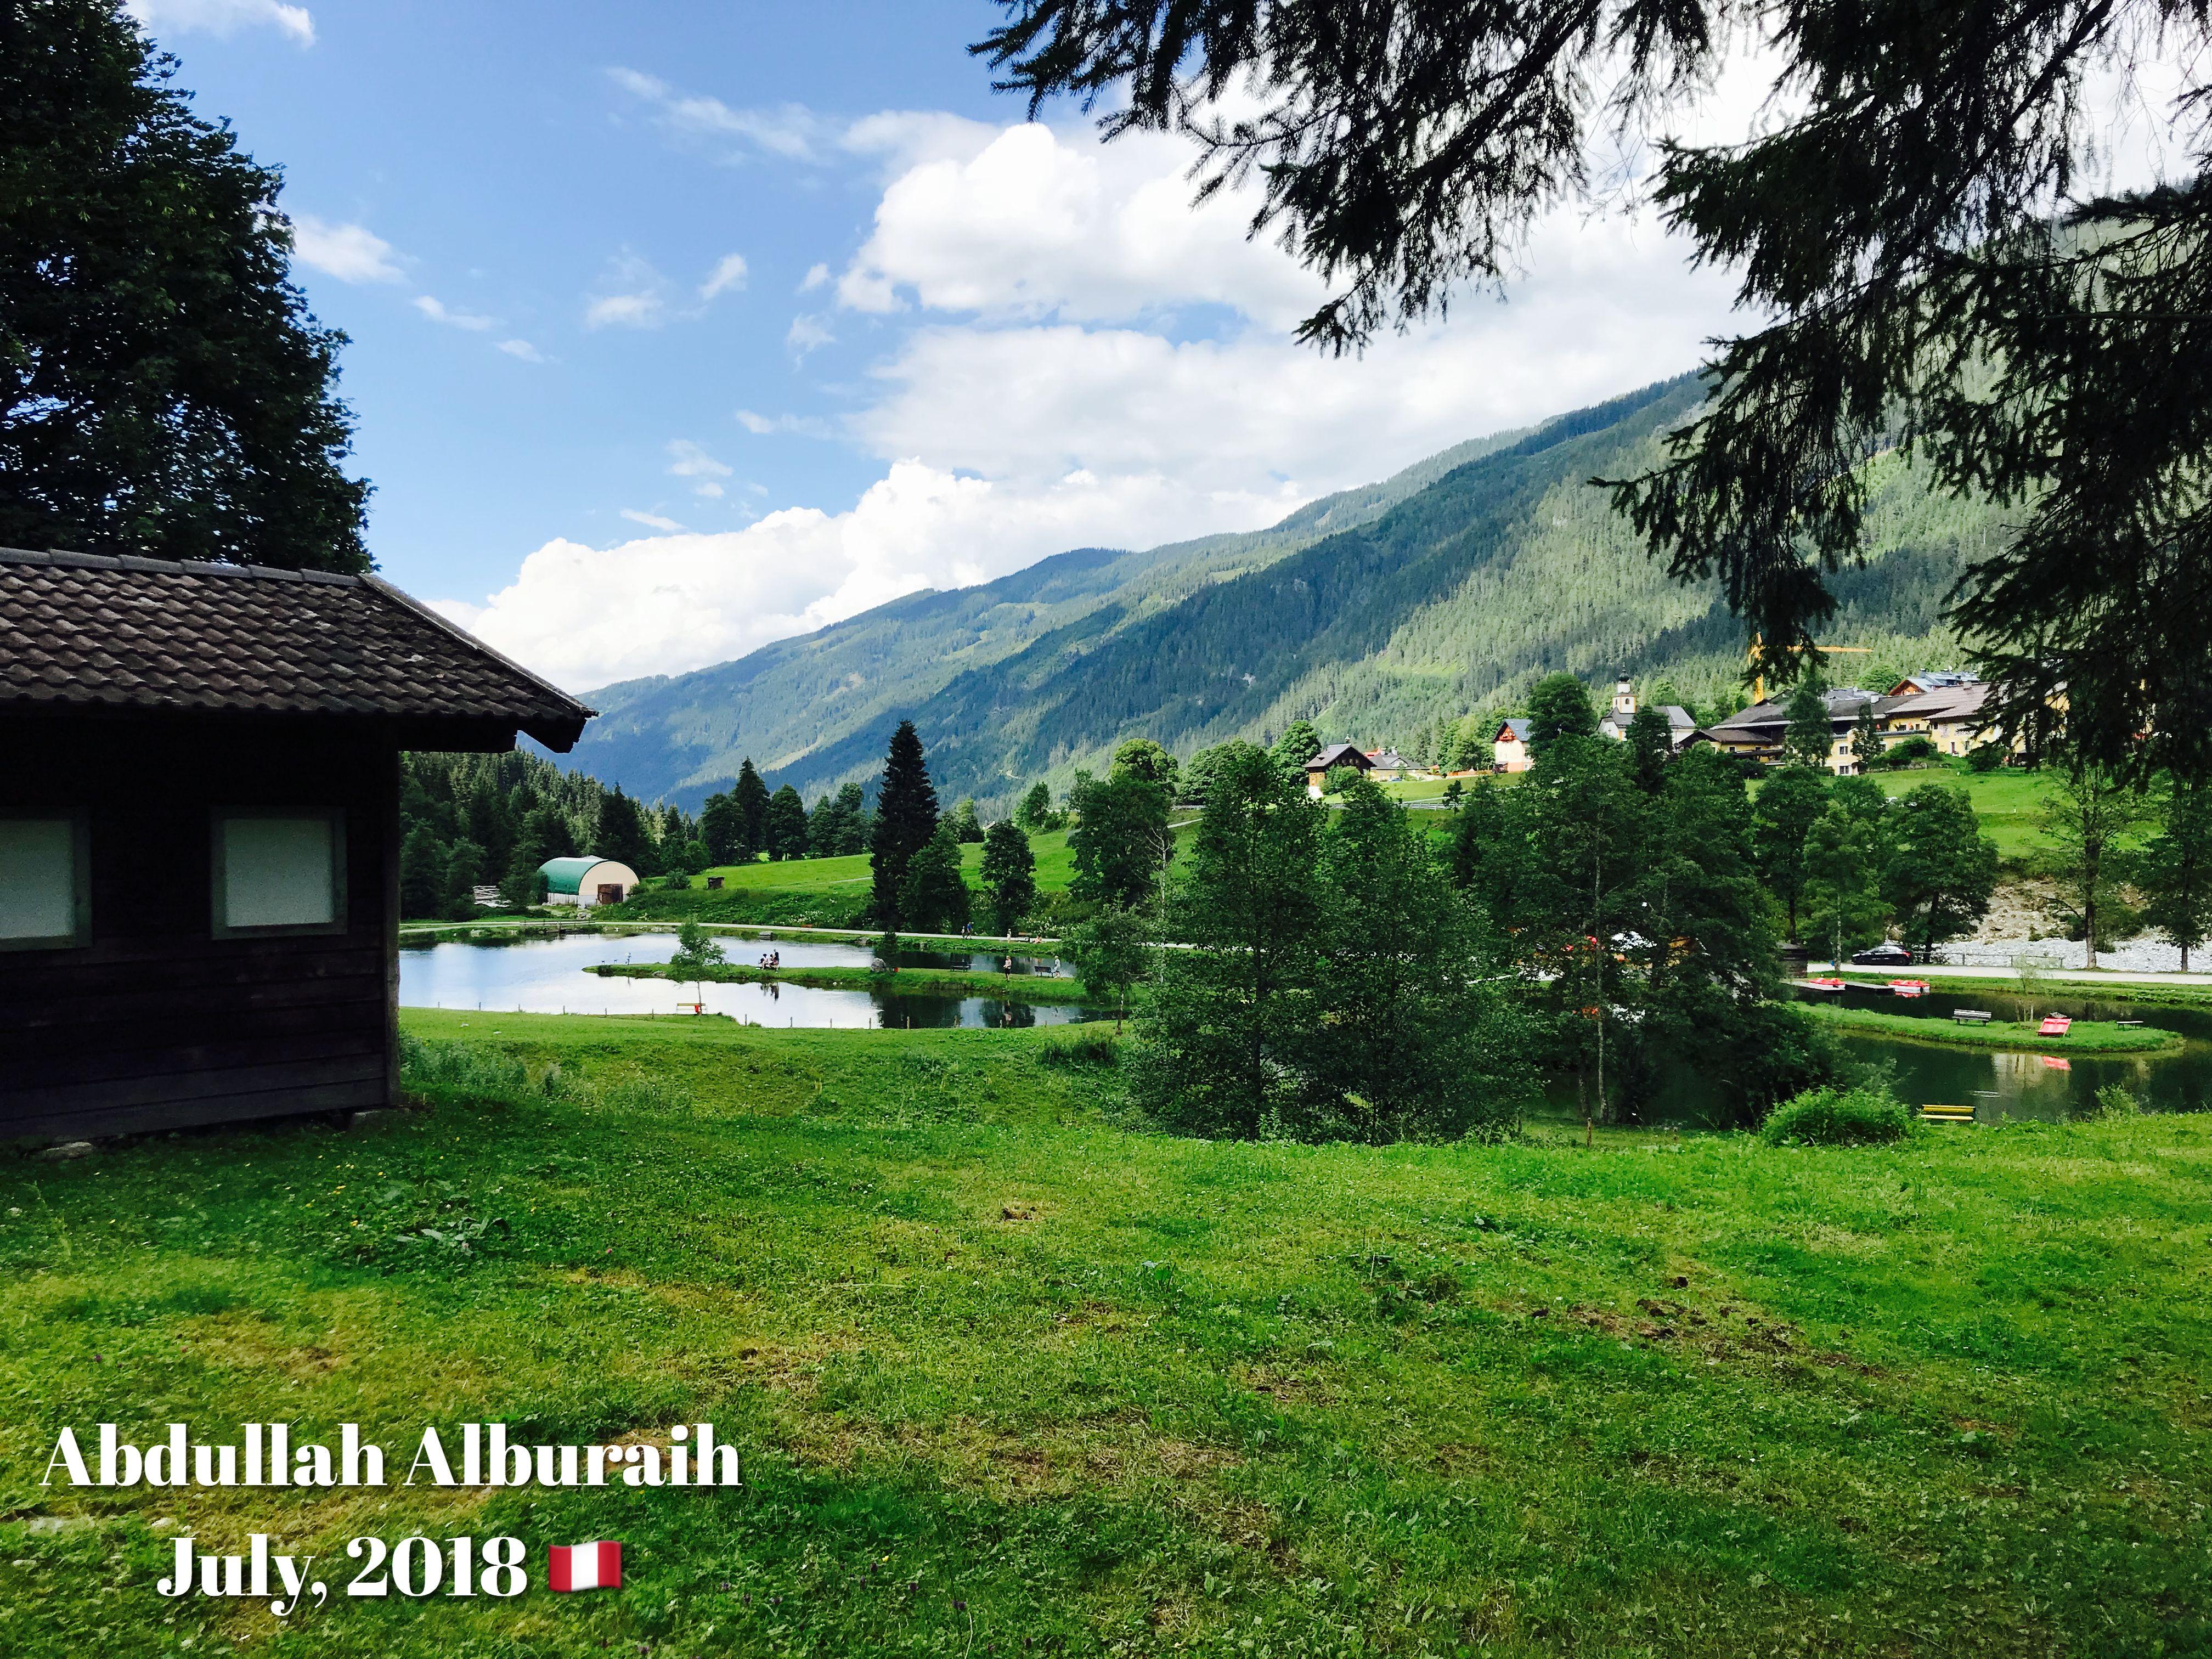 Austria جمال الطبيعة النمساوية منظر طبيعي جمال طبيعة الريف Landscape Natural Natural Landmarks Nature Landmarks